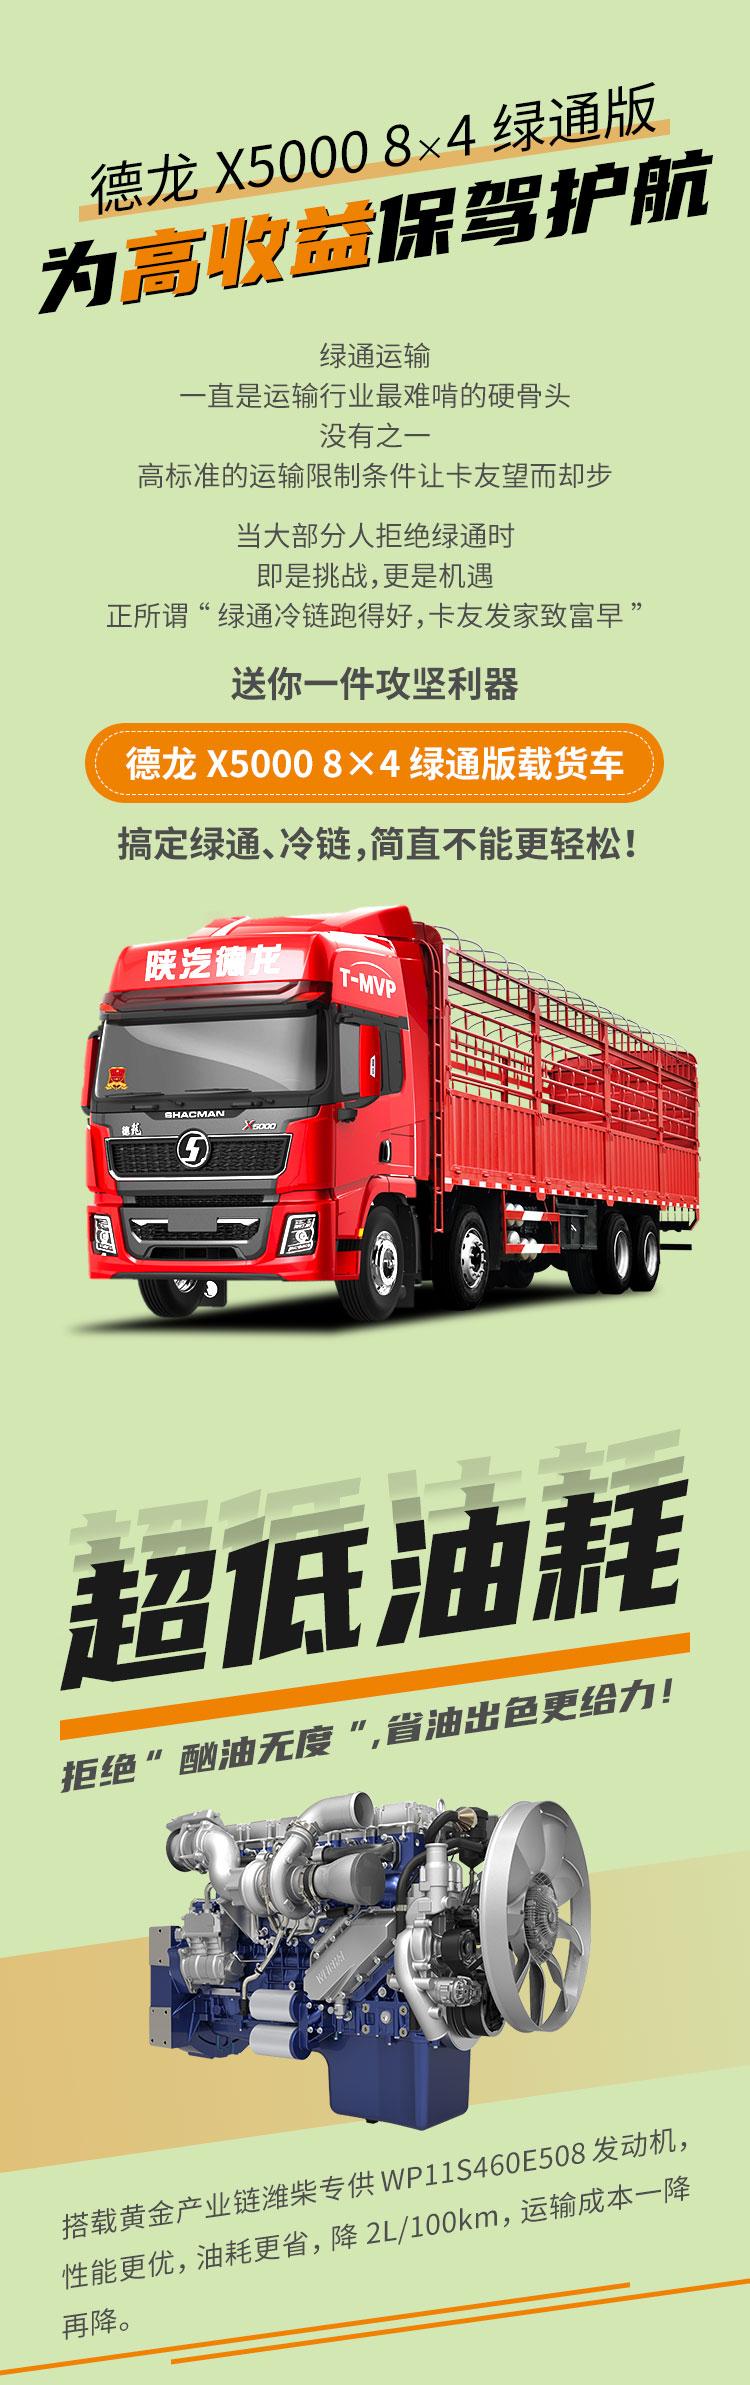 德龙X5000 8×4 绿通版载货车详解